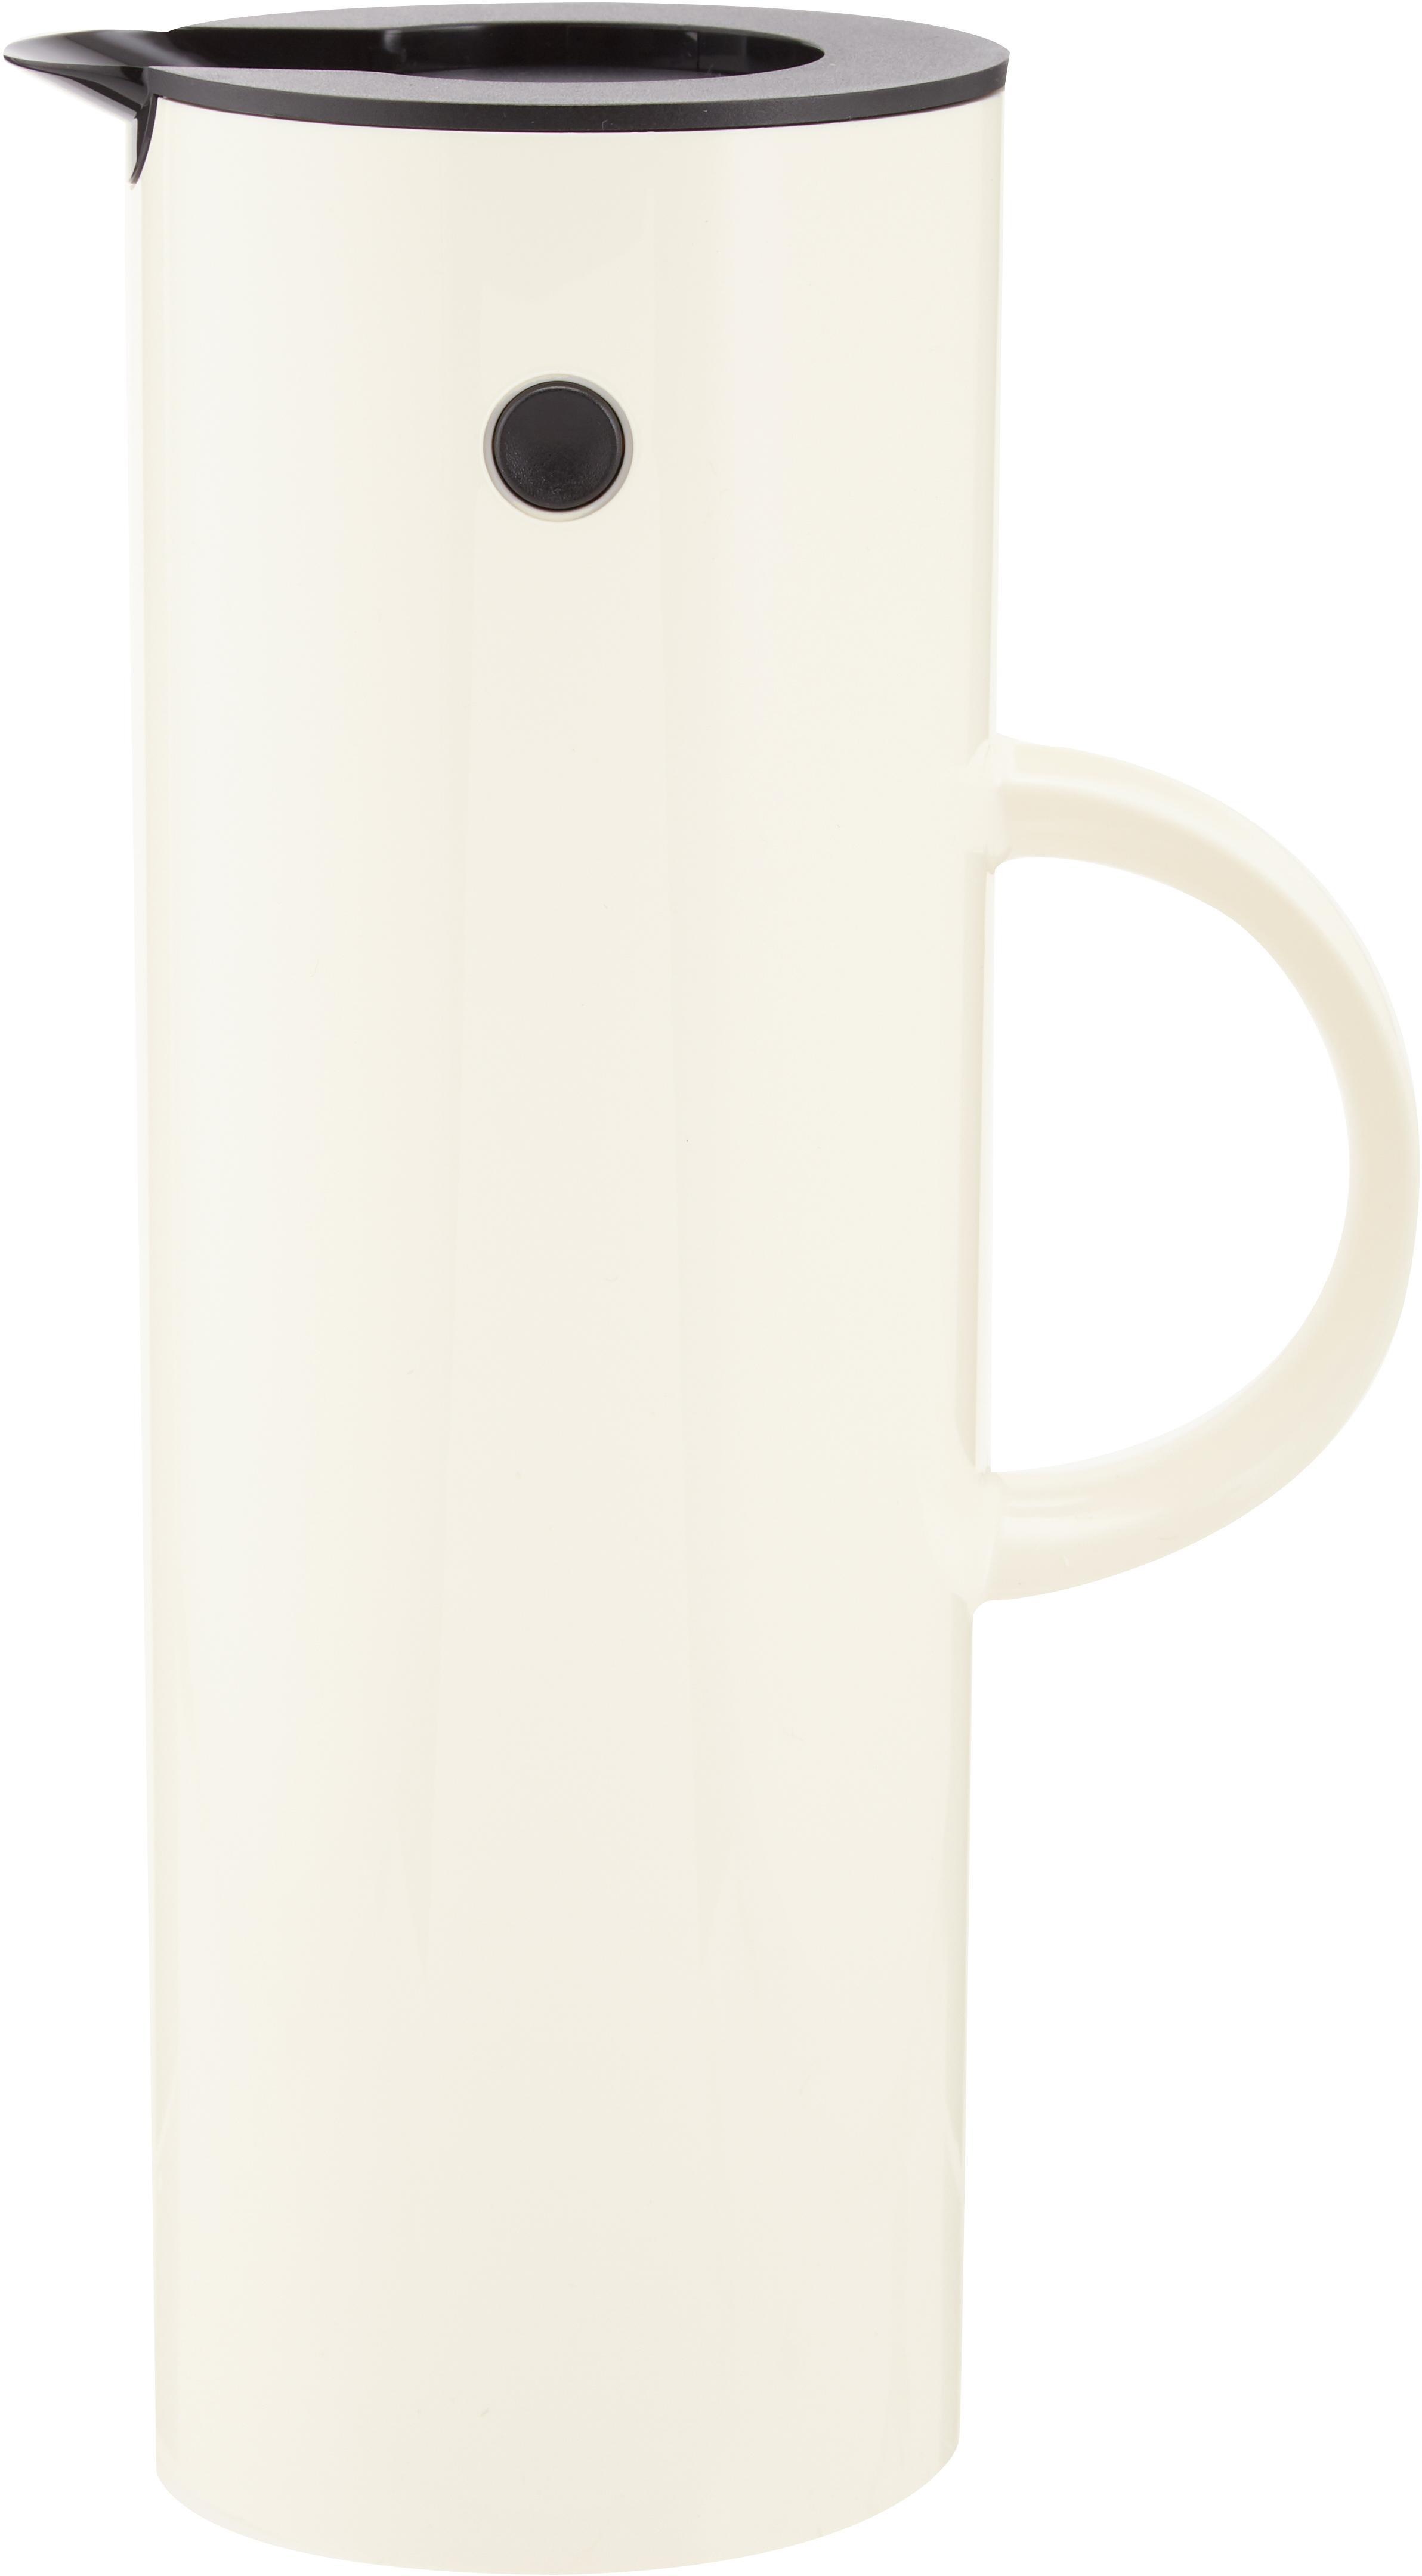 Isolierkanne EM77 in Cremeweiß glänzend, ABS-Kunststoff, im Inneren mit Glaseinsatz, Cremeweiß, glänzend, 1 L